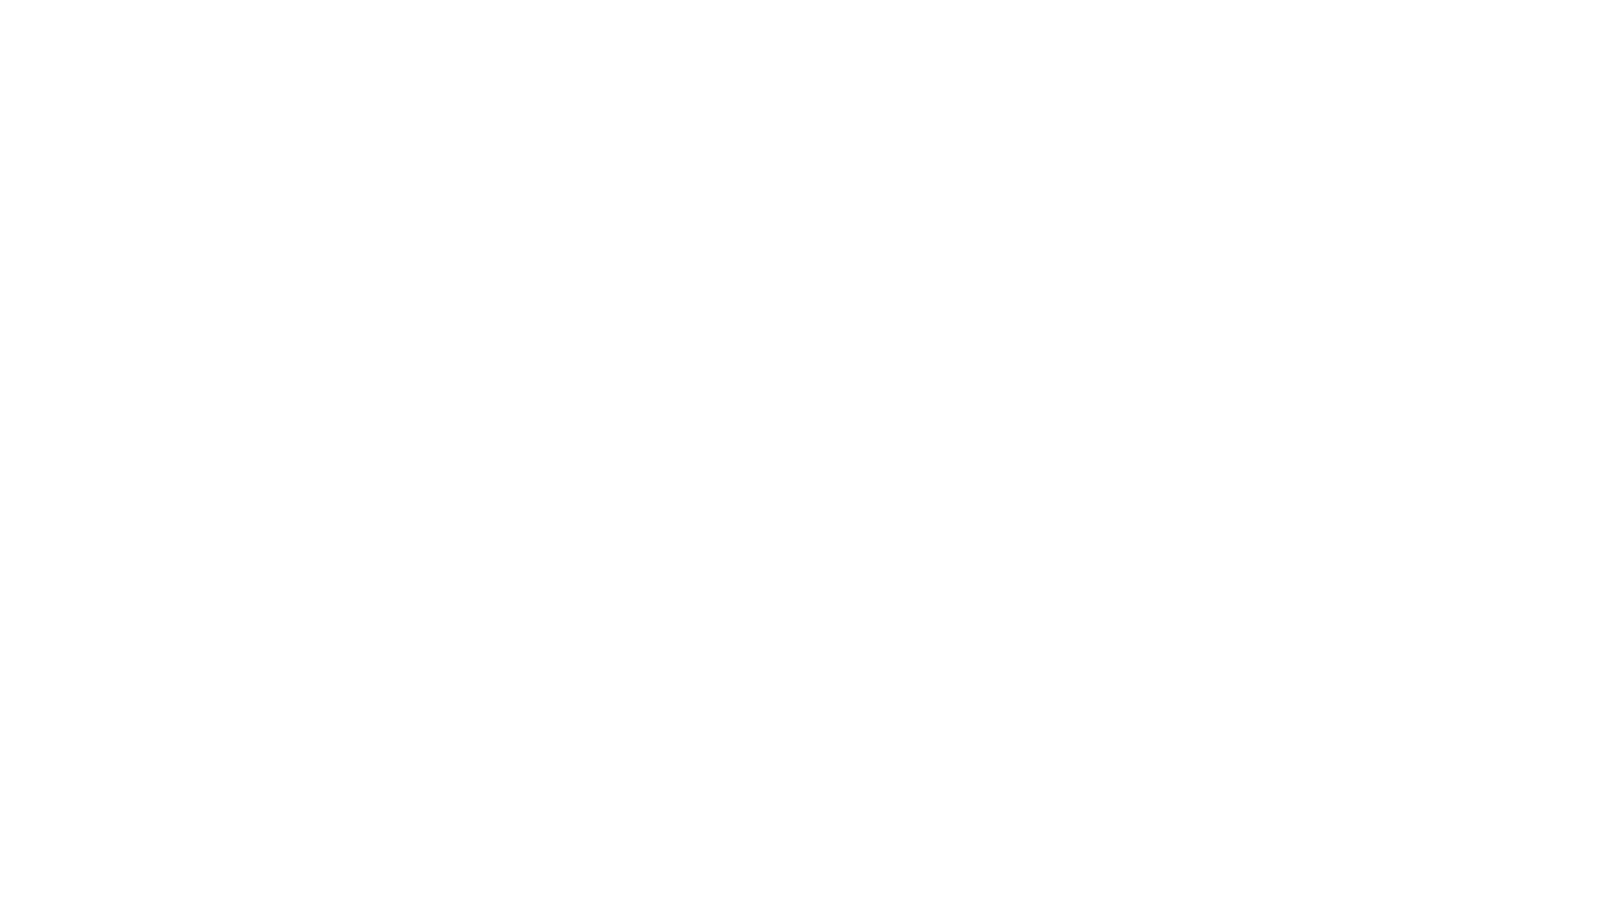 Запись прямого эфира астролога Марины Вергелес, посвященного прогнозу на март от 28 февраля 2021 года.    Основные темы эфира: 06:45 Квадратура Сатурна и Урана: Анализ событий февраля 24:49 Два периода месяца: водный (кармический, завершающий) и  огненный (инициативный, стартующий) 42:26 Марс в Близнецах: На всех парусах к Мечте! 44:18 Меркурий в соединении с Юпитером: 12-летняя стратегия личного и профессионального развития 48:05 Марс в тригоне с Сатурном: долгосрочный успех 56:45 Верхнее соединение Венеры и Солнца: Кульминация ценностных концепций, желаний и планов 01:97  Весеннее Равноденствие: Большой старт главных задач года  В дополнении к видео для самоанализа рекомендую материалы:   Ретроградная Венера в Близнецах: ценности Нового Мира: https://clck.ru/NBZup  Лунное затмение 05 июня 2020 года на Венере: Возрождение из пепла https://clck.ru/NkAZS   Ставьте лайки, пишите свои вопросы в комментарии, буду отвечать.   Желаю вам продуктивного месяца!   Консультации: https://astrowoman.ru/moikonsult/  Пишите на вотсап +7-925-738-23-83